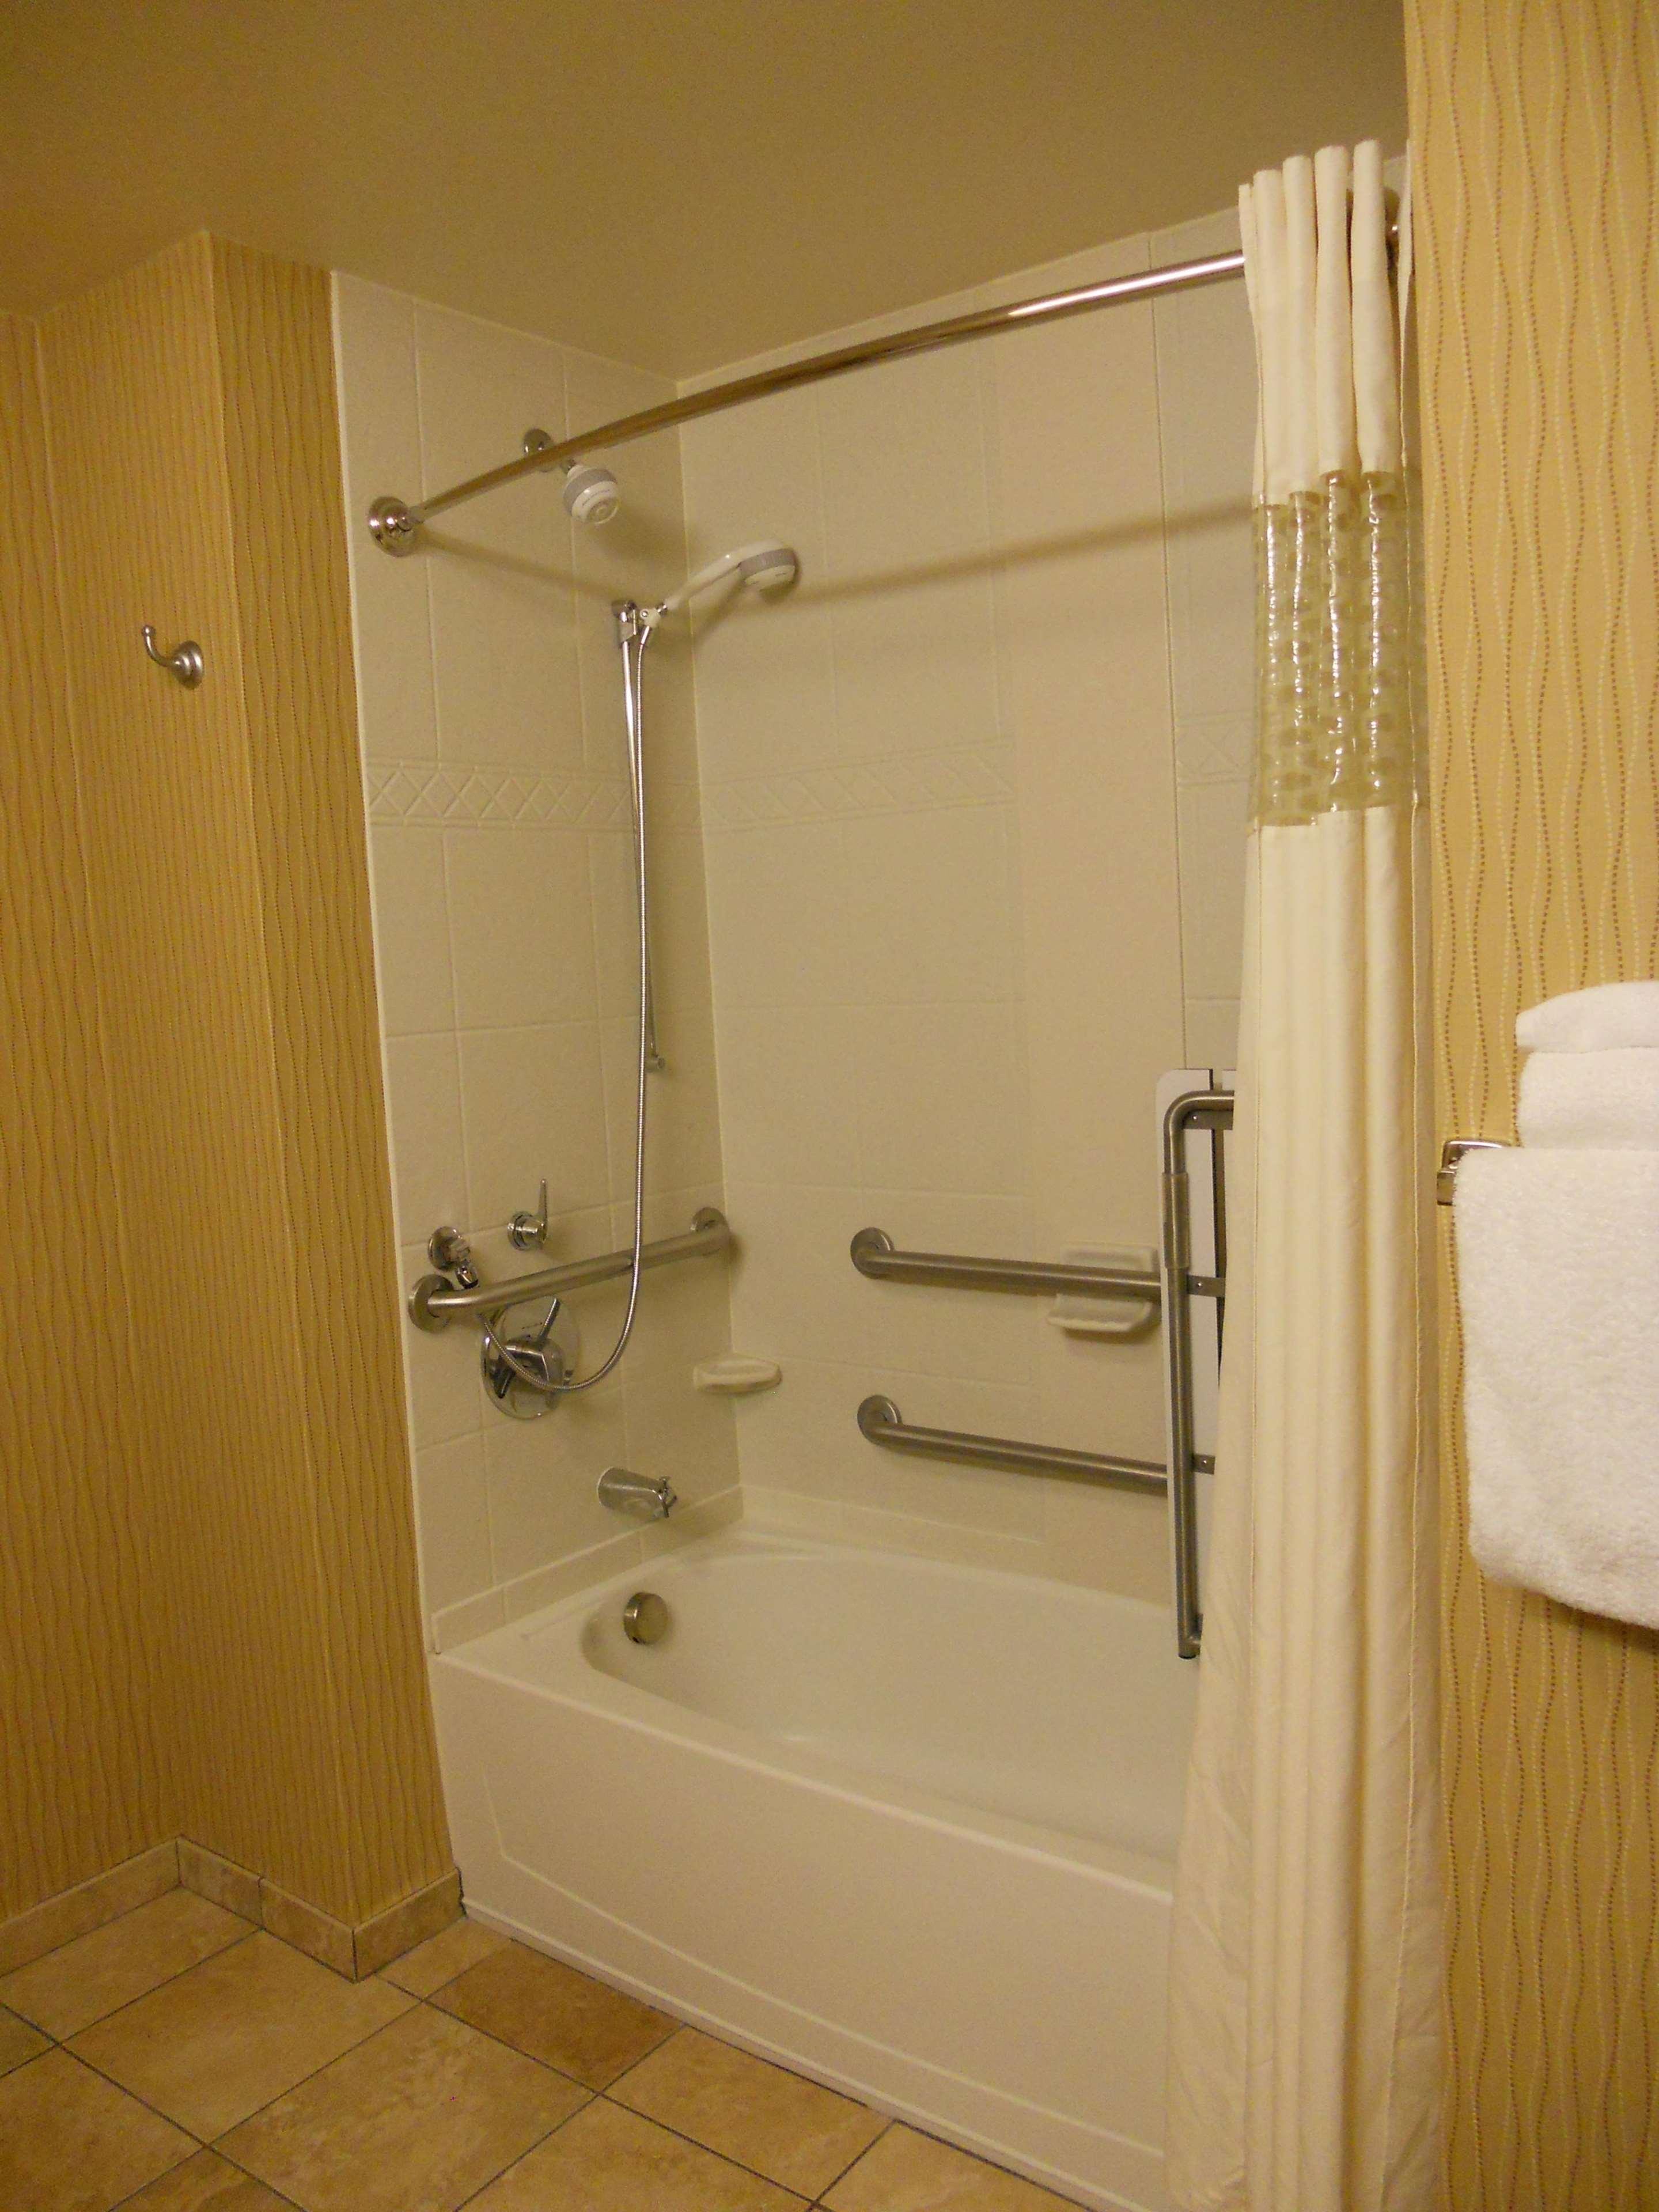 Hampton Inn & Suites Cincinnati/Uptown-University Area image 21